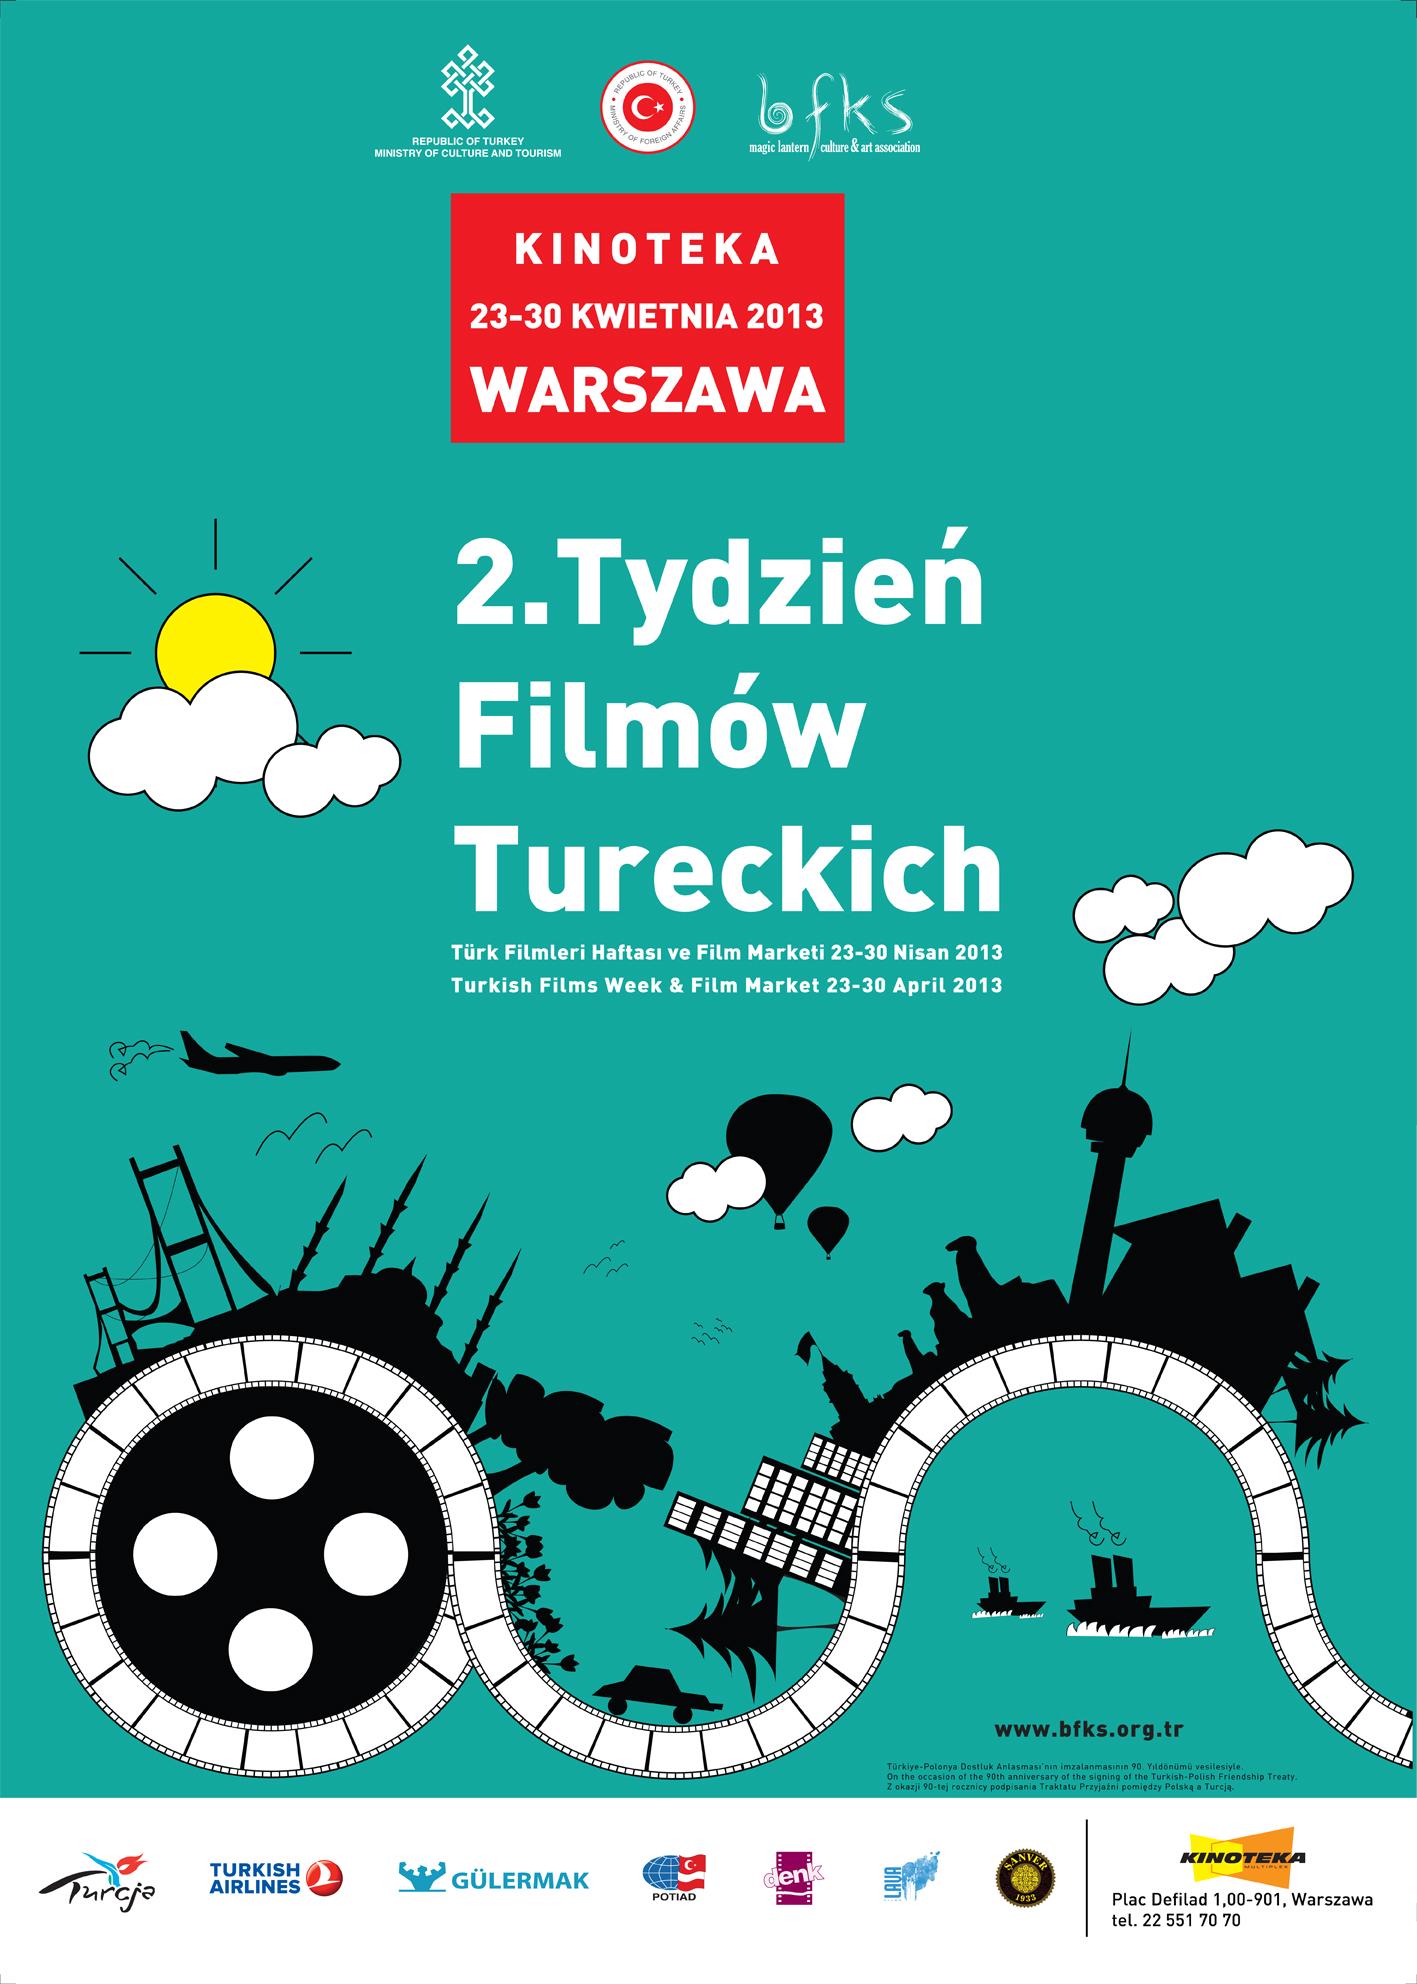 2. Varşova Türk Filmleri Haftası Başladı!